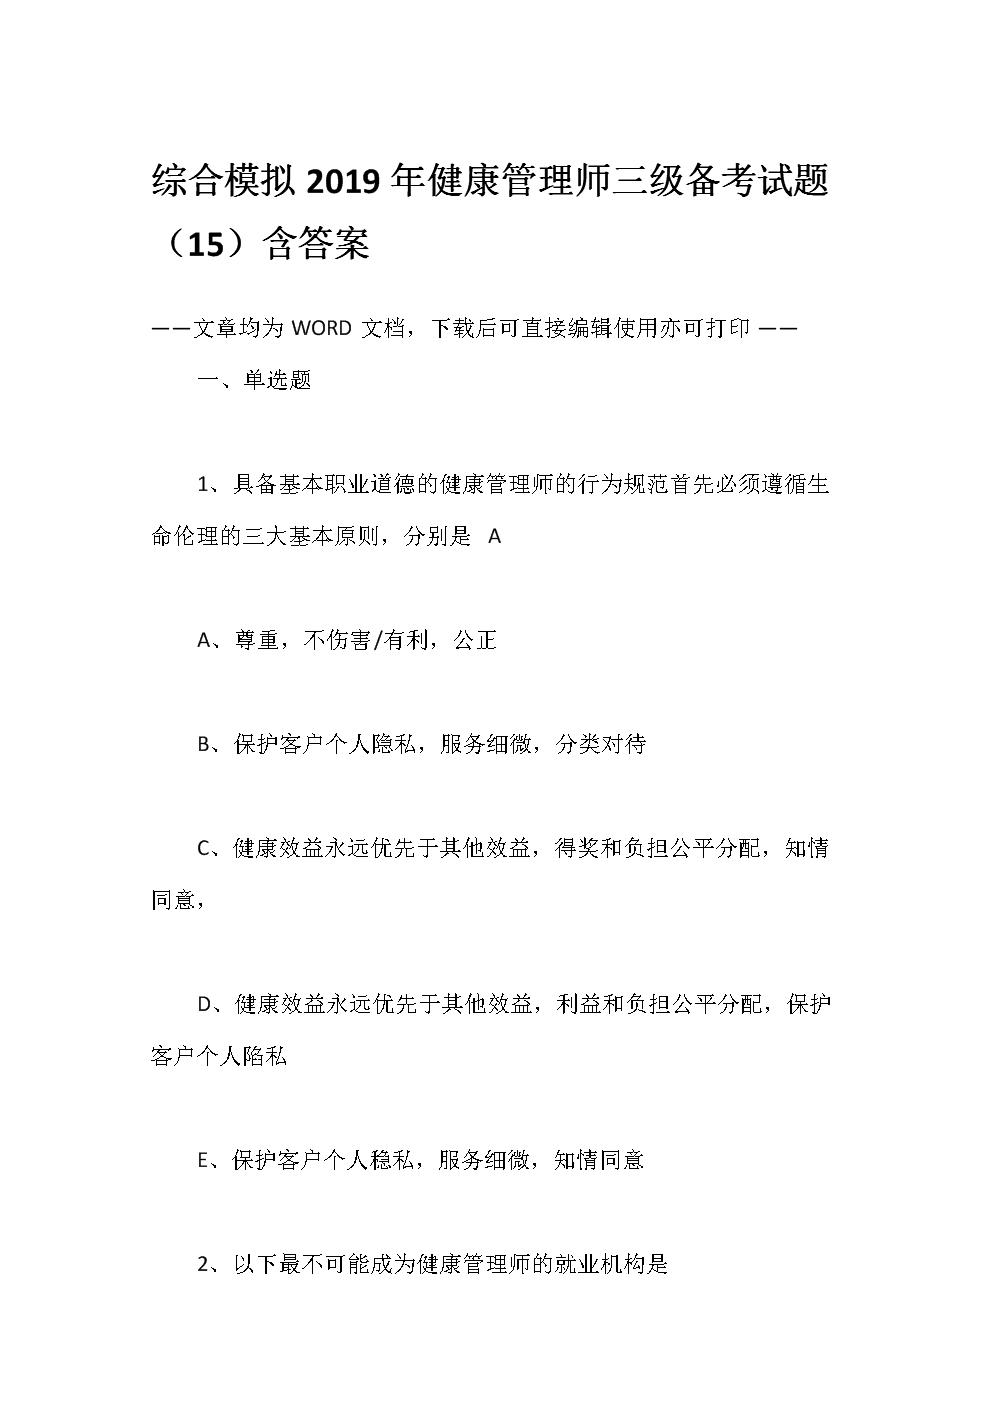 綜合模擬2019年健康管理師三級備考試題(15)含答案.docx